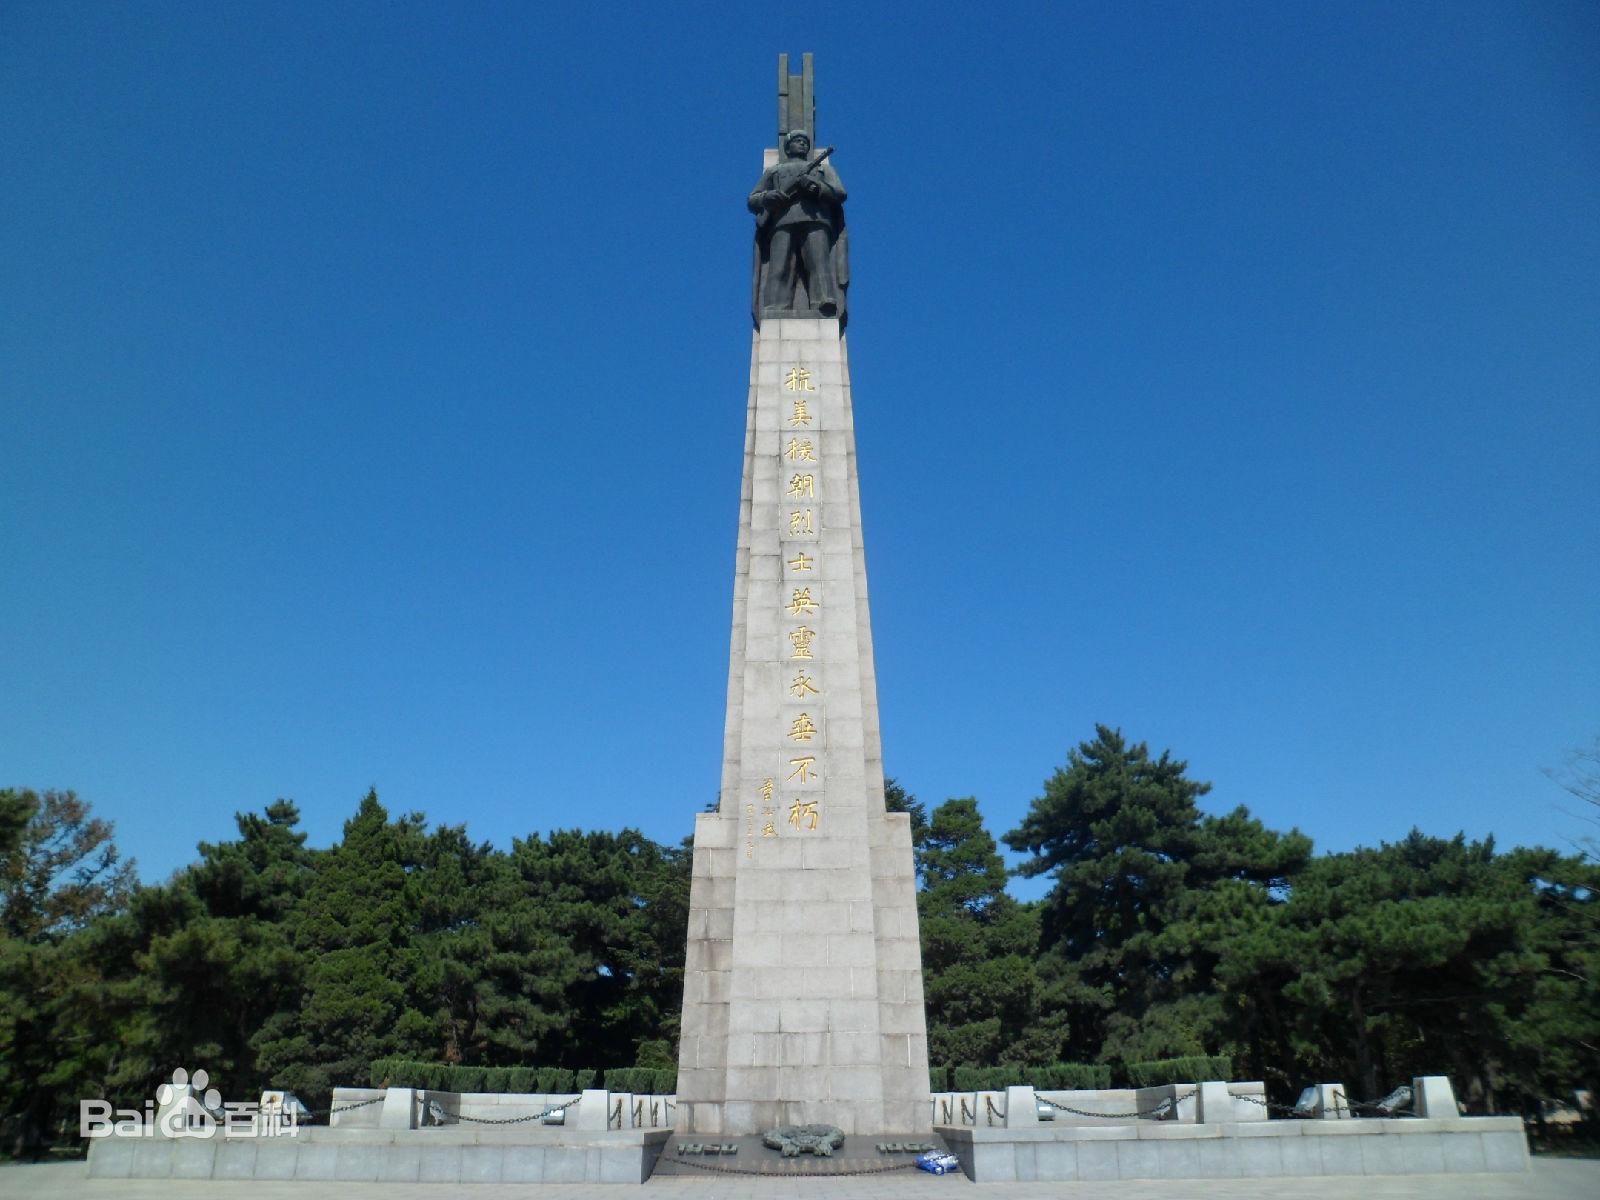 袁立在/中国的抗美援朝烈士陵园